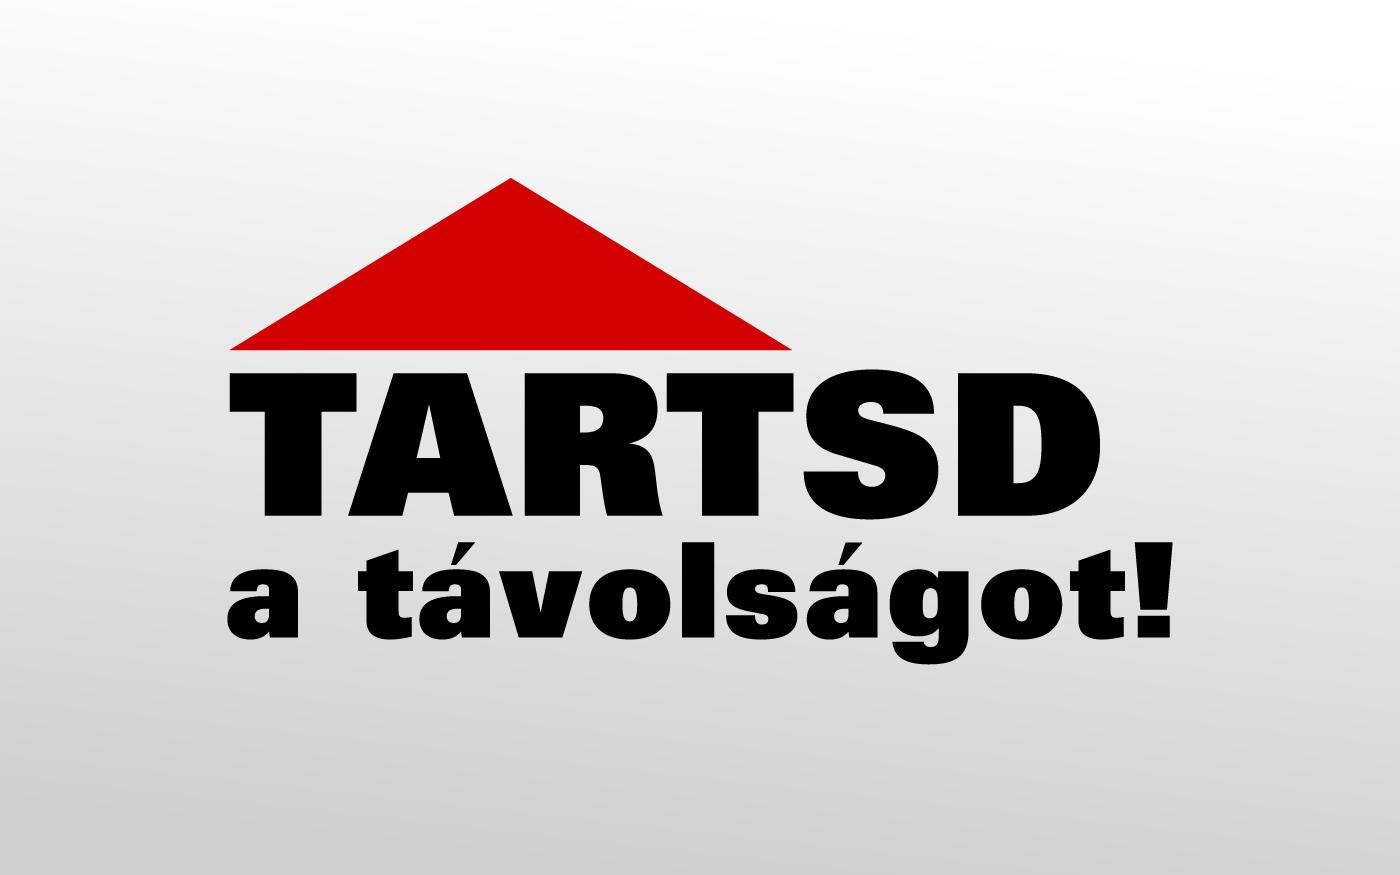 Tartsd a távolságot! Ezt kéri Dunaharaszti Önkormányzatának bolti tájékoztató kampánya